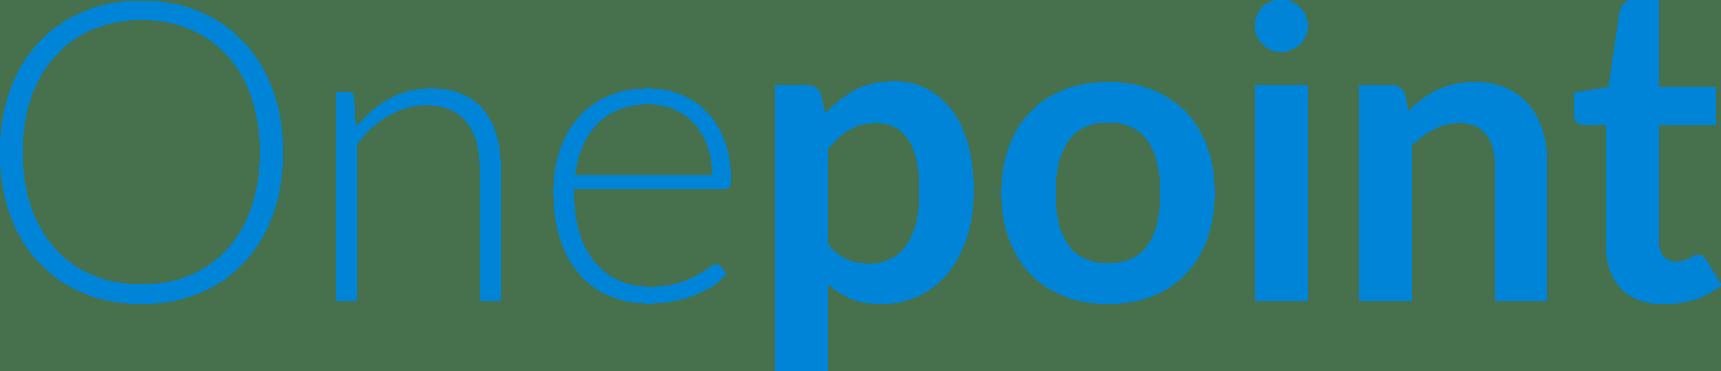 Onepoint Ltd